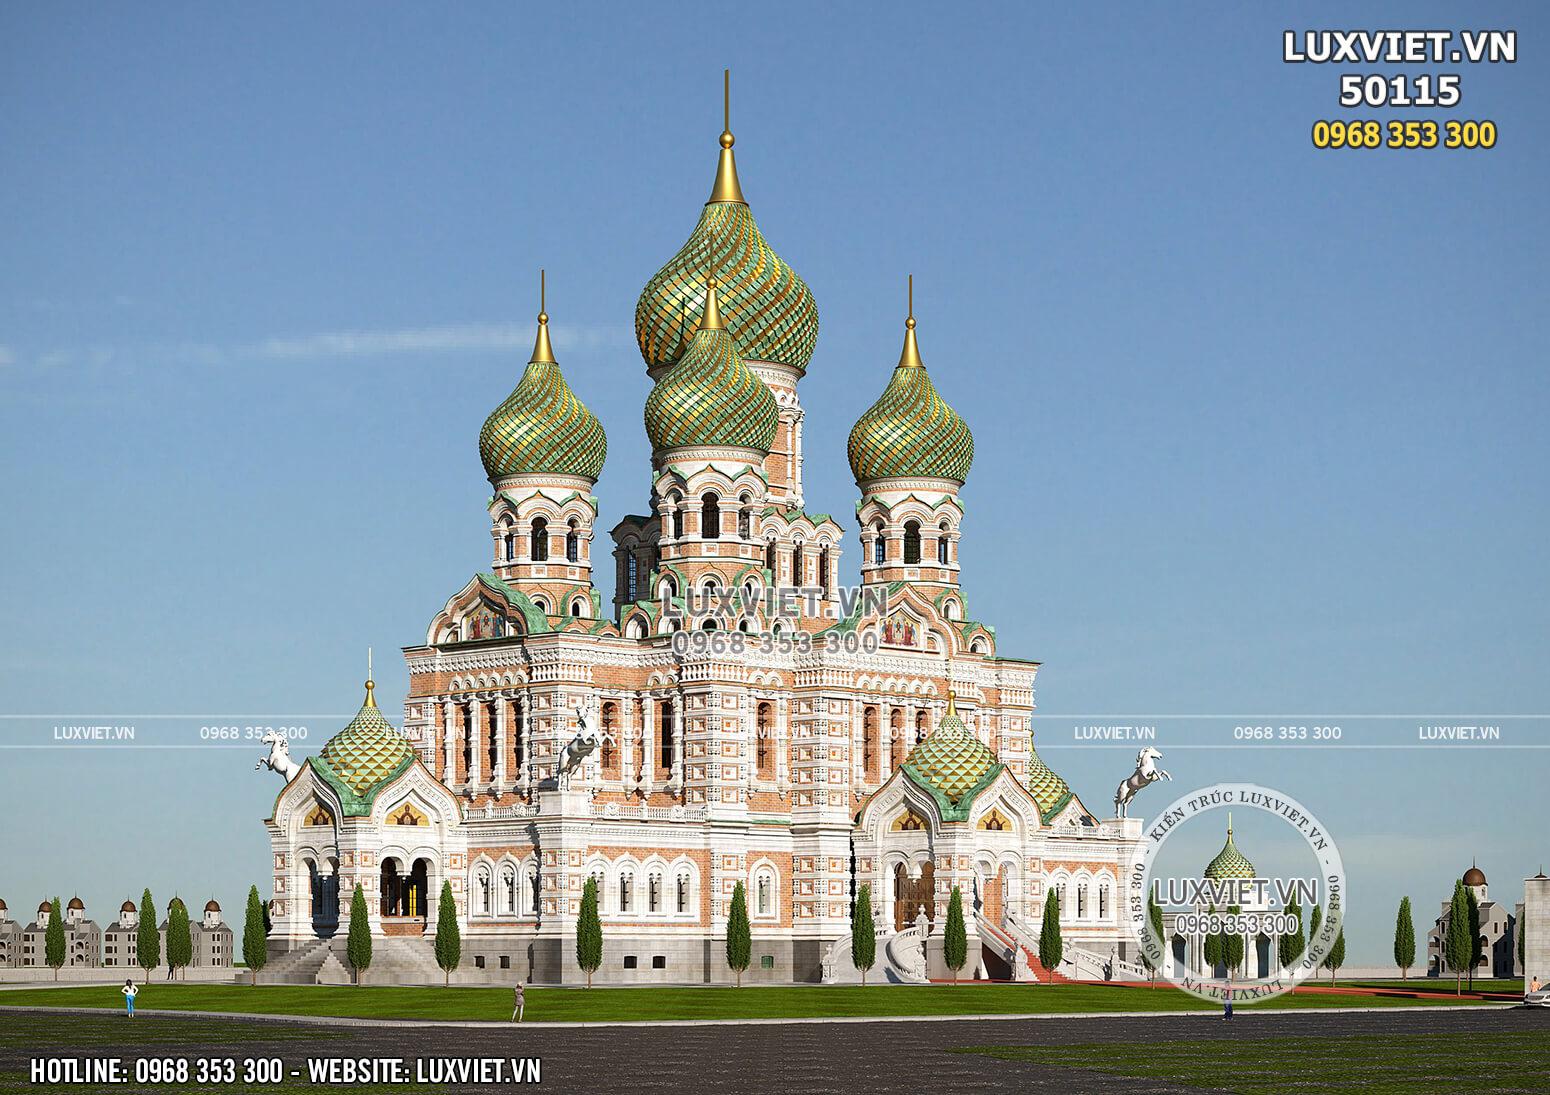 Hình ảnh: Kiến trúc độc đáo và bắt mắt của lâu đài - LV 50115